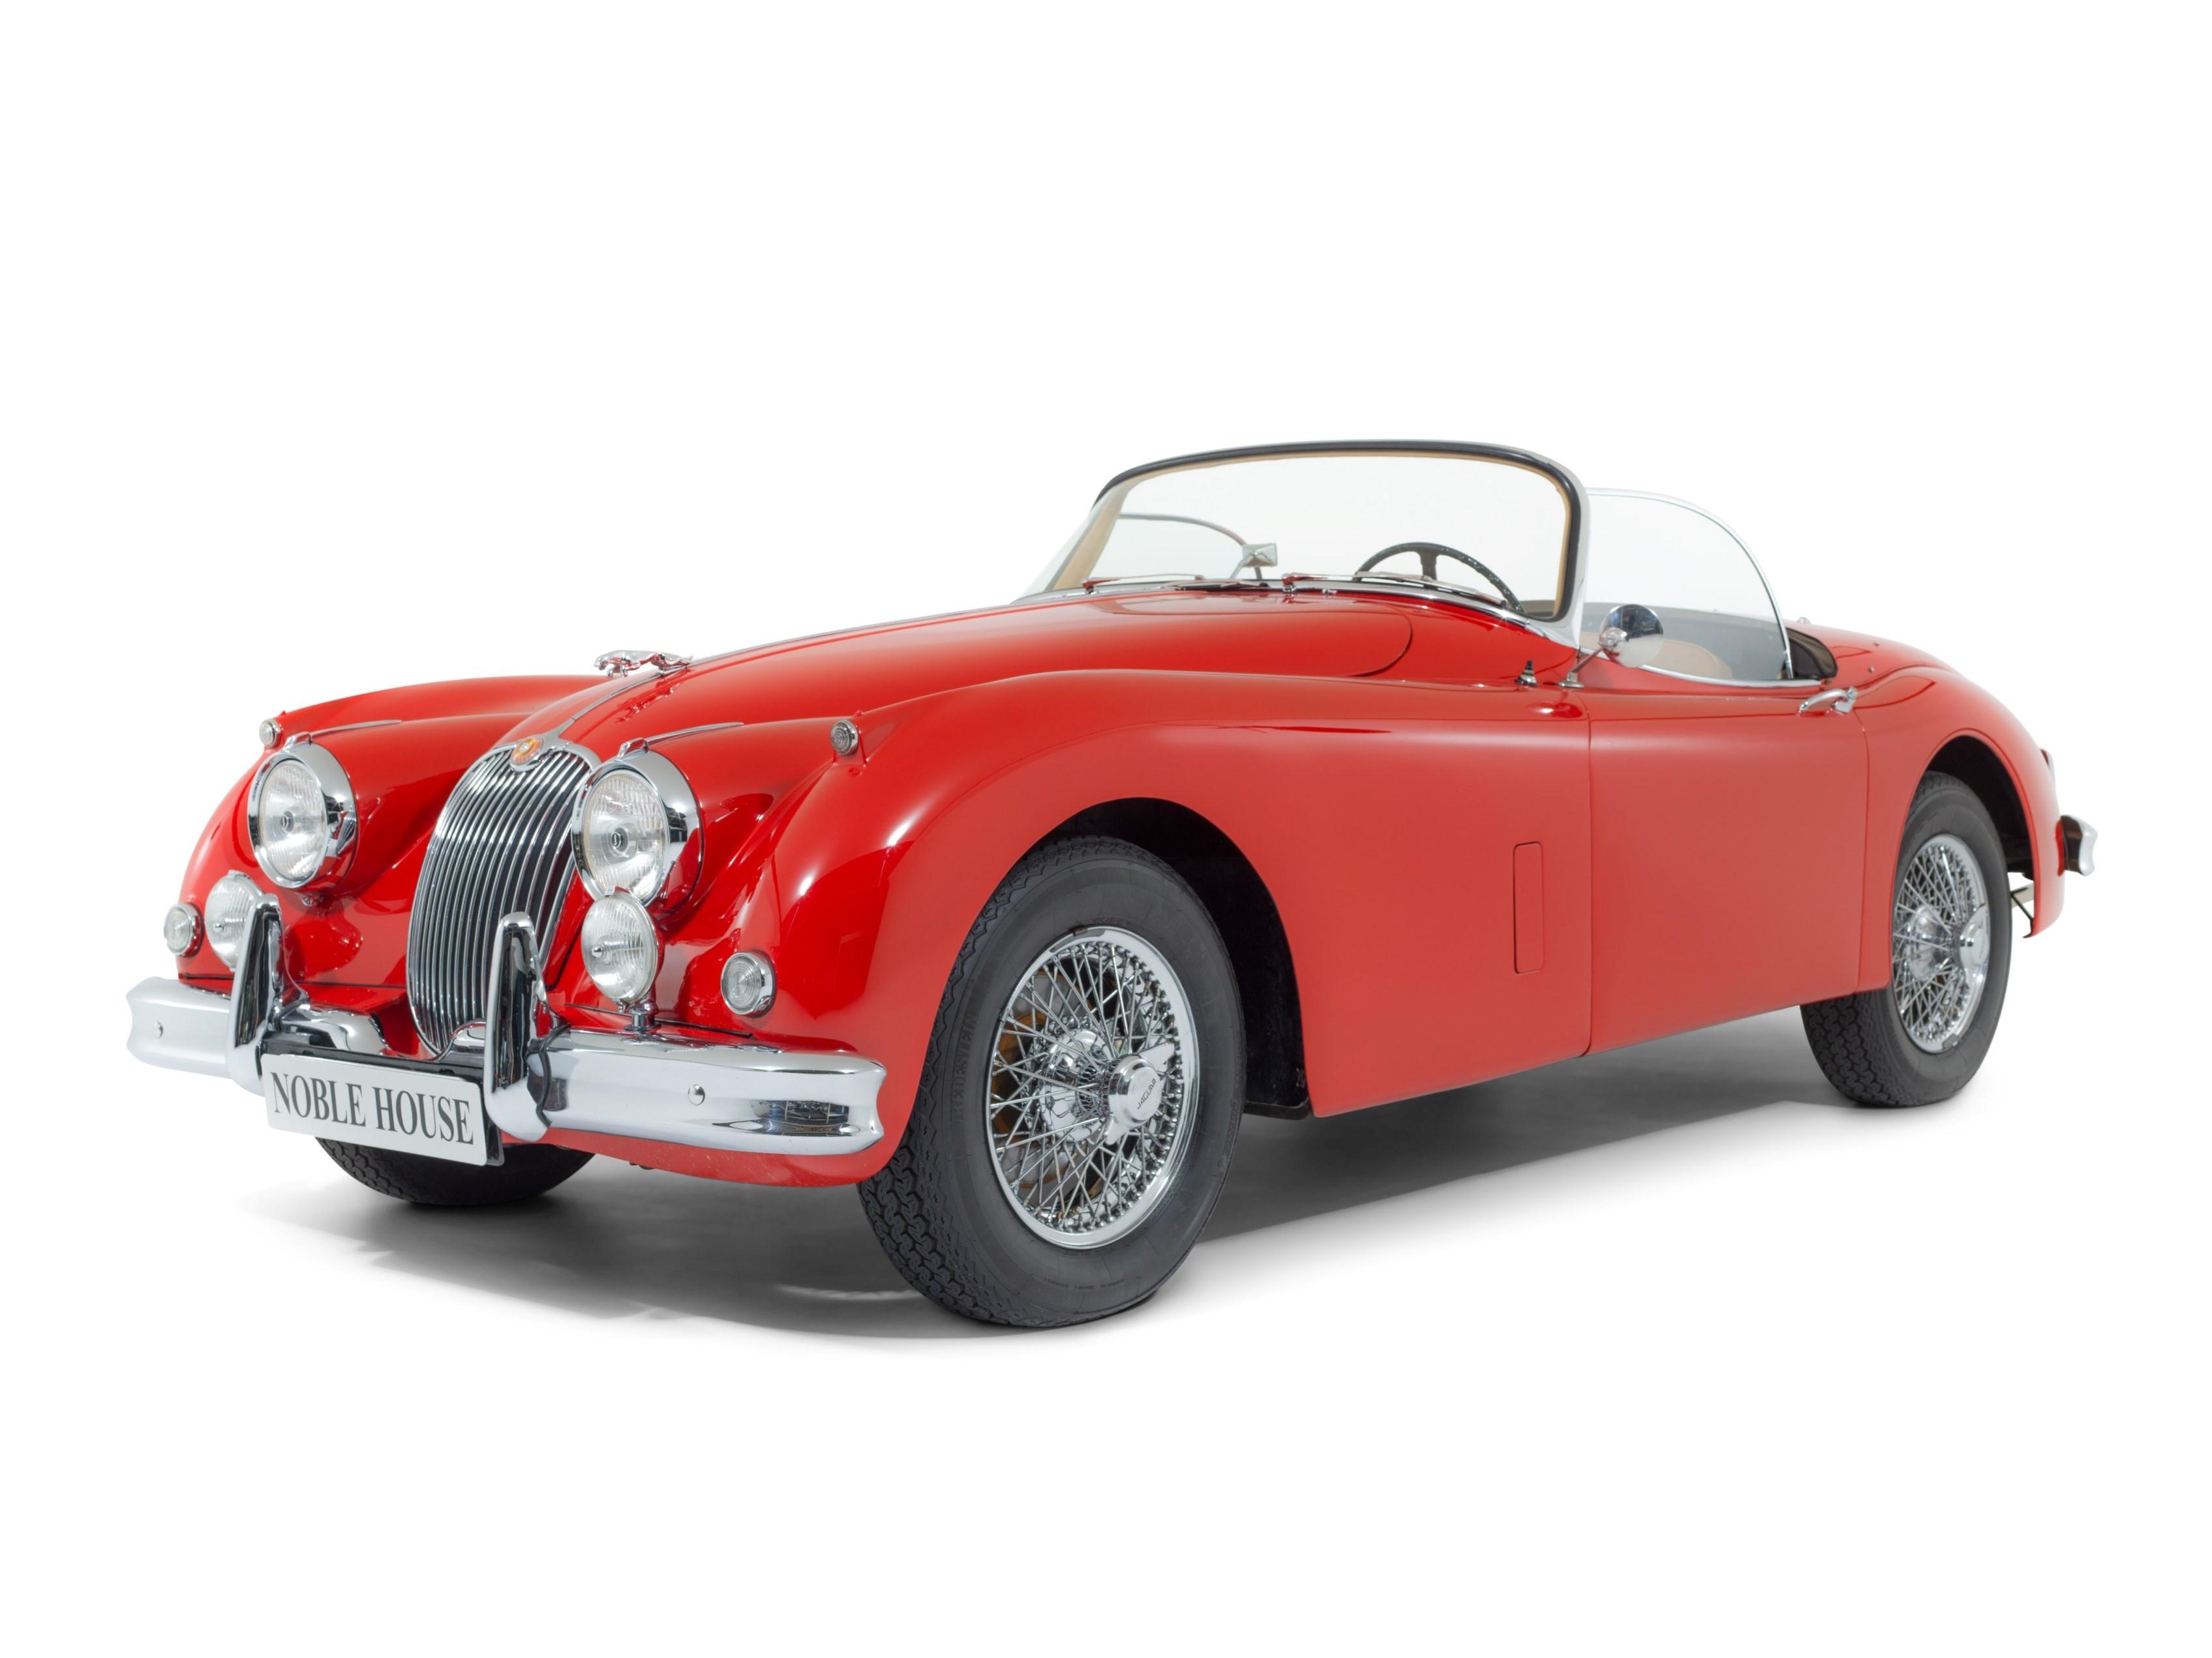 roadster jaguar coys kensington cars xk of